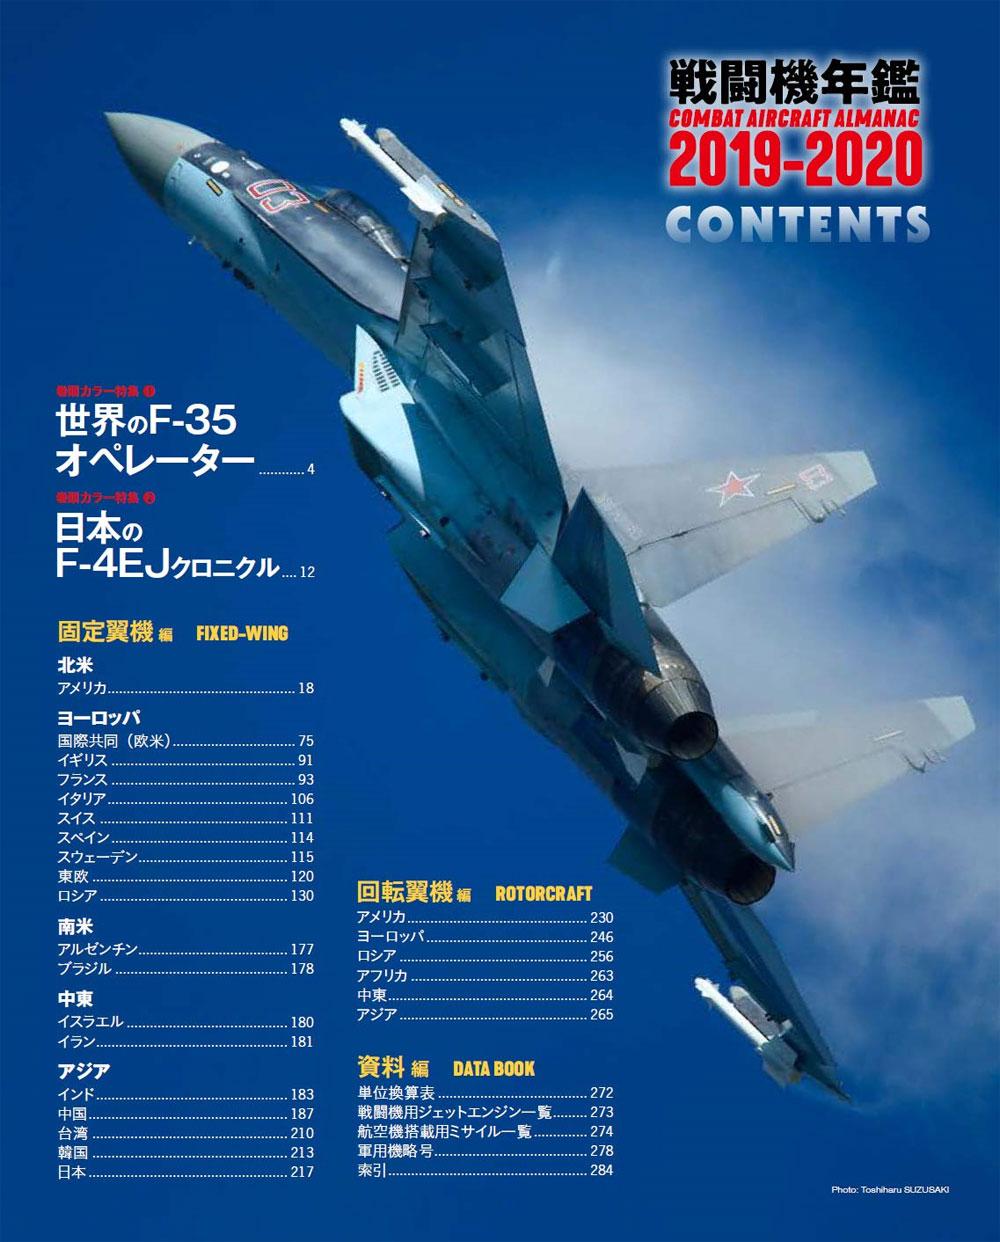 戦闘機年鑑 2019-2020本(イカロス出版イカロスムックNo.61855-48)商品画像_1